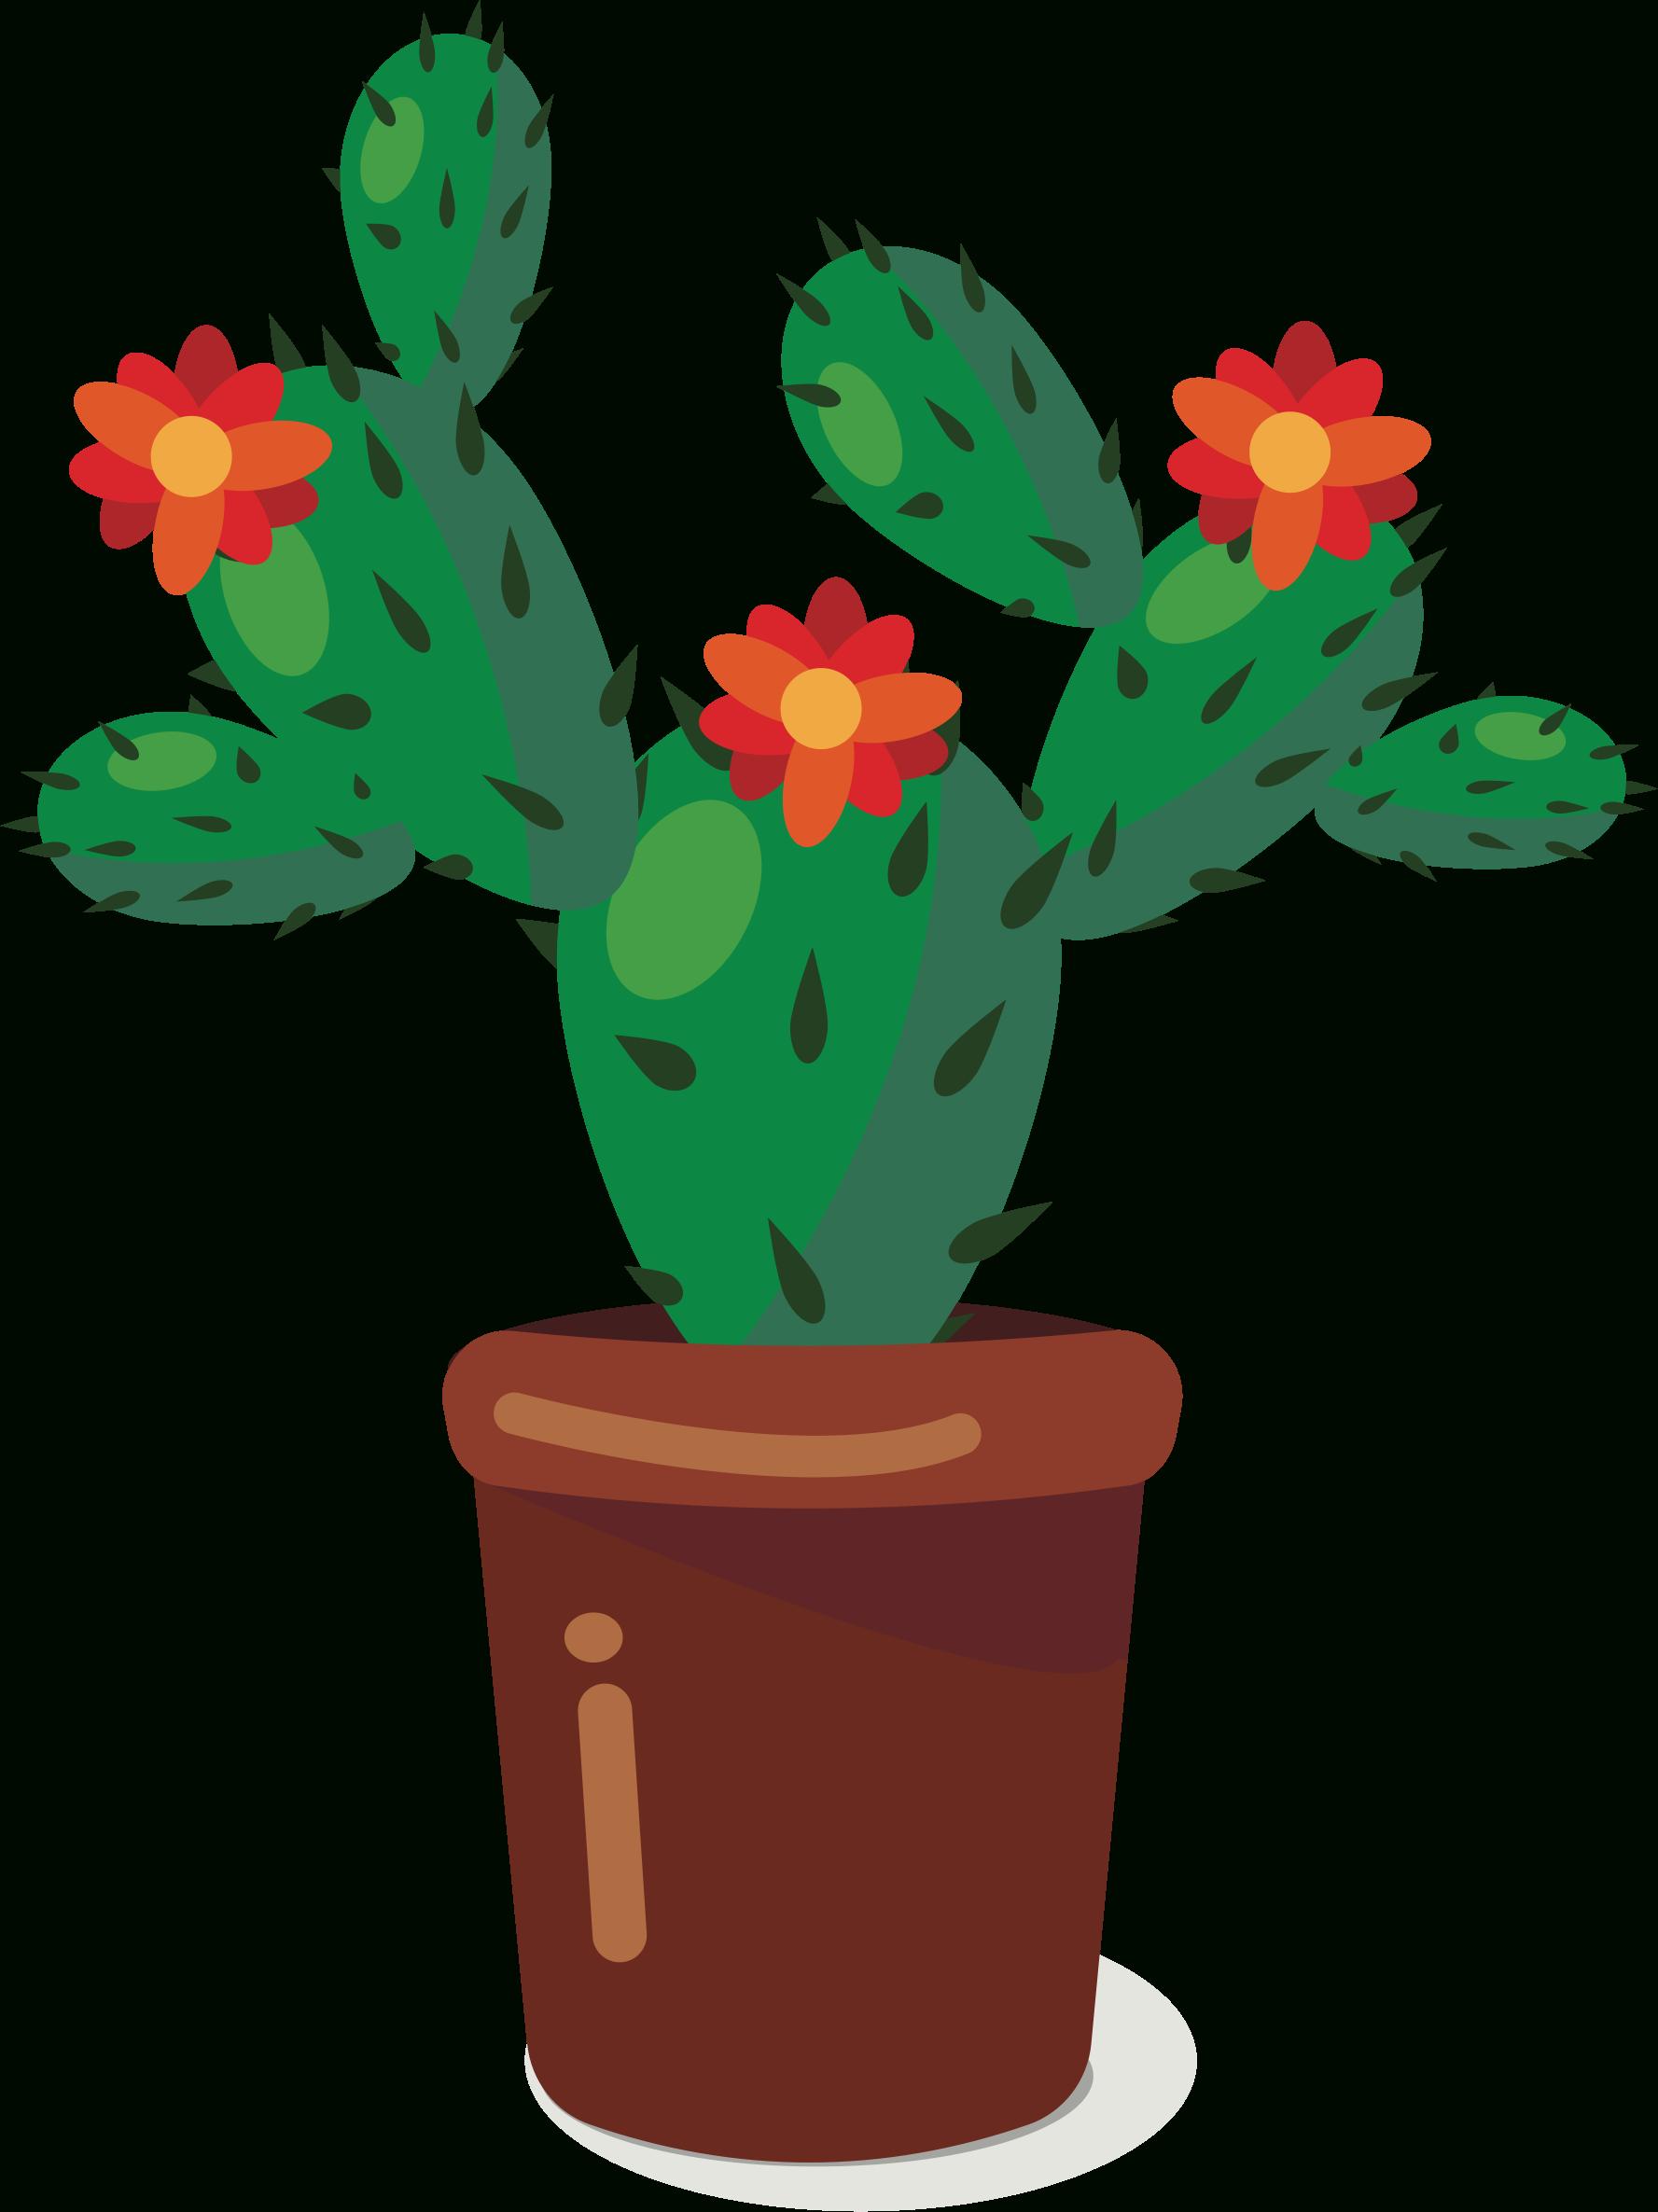 Plant cactus. Cute clipart plants catus